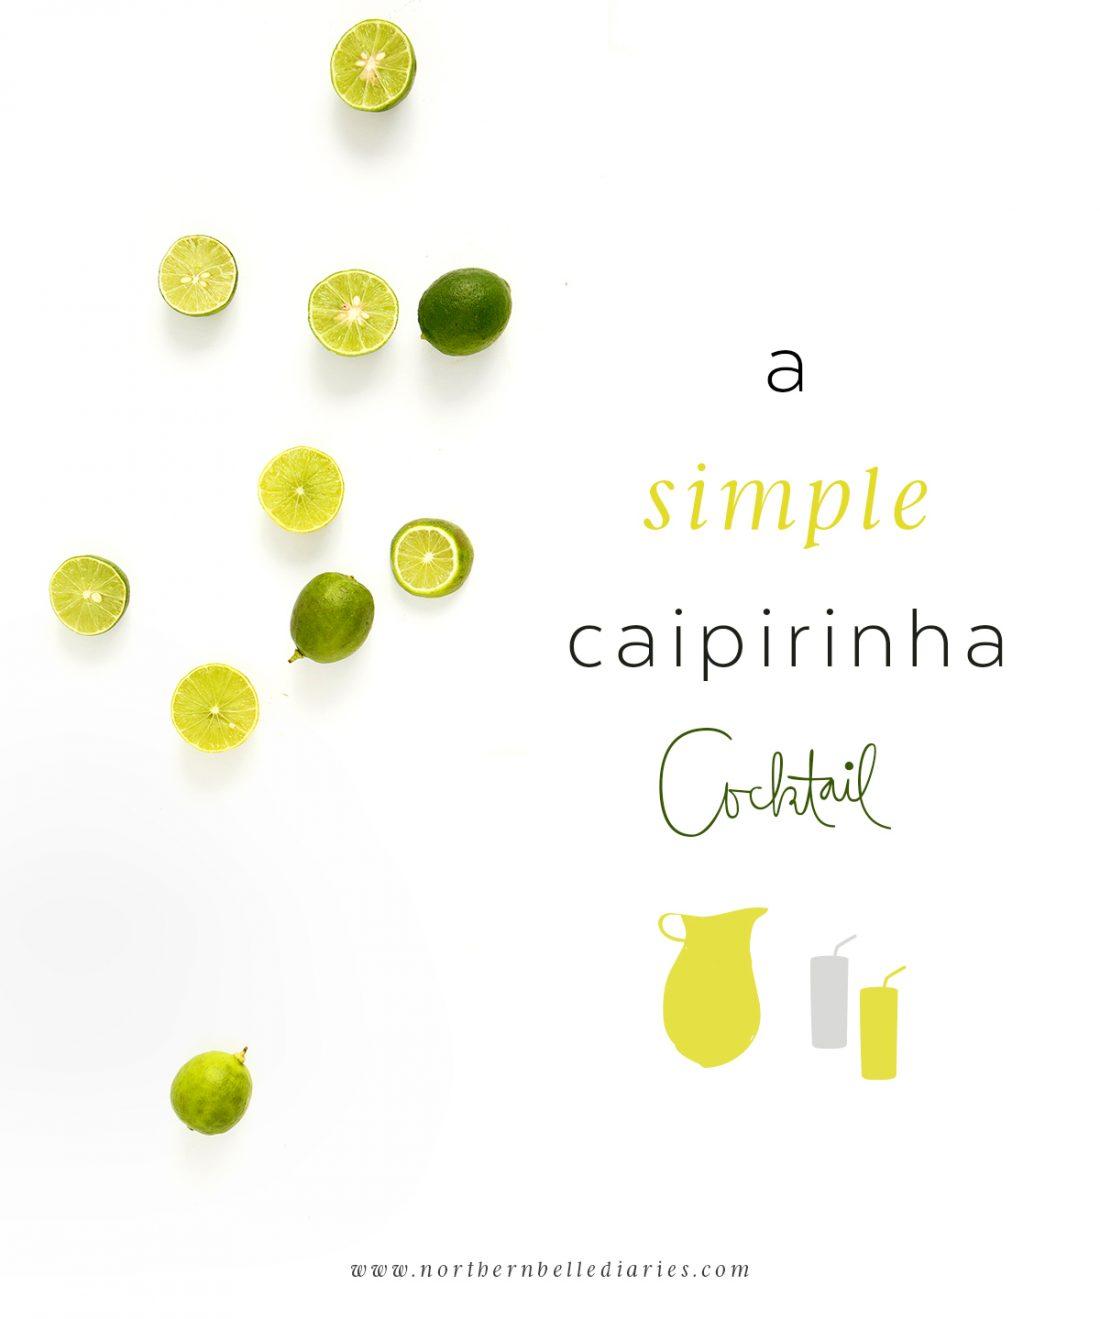 a simple caipirinha recipe